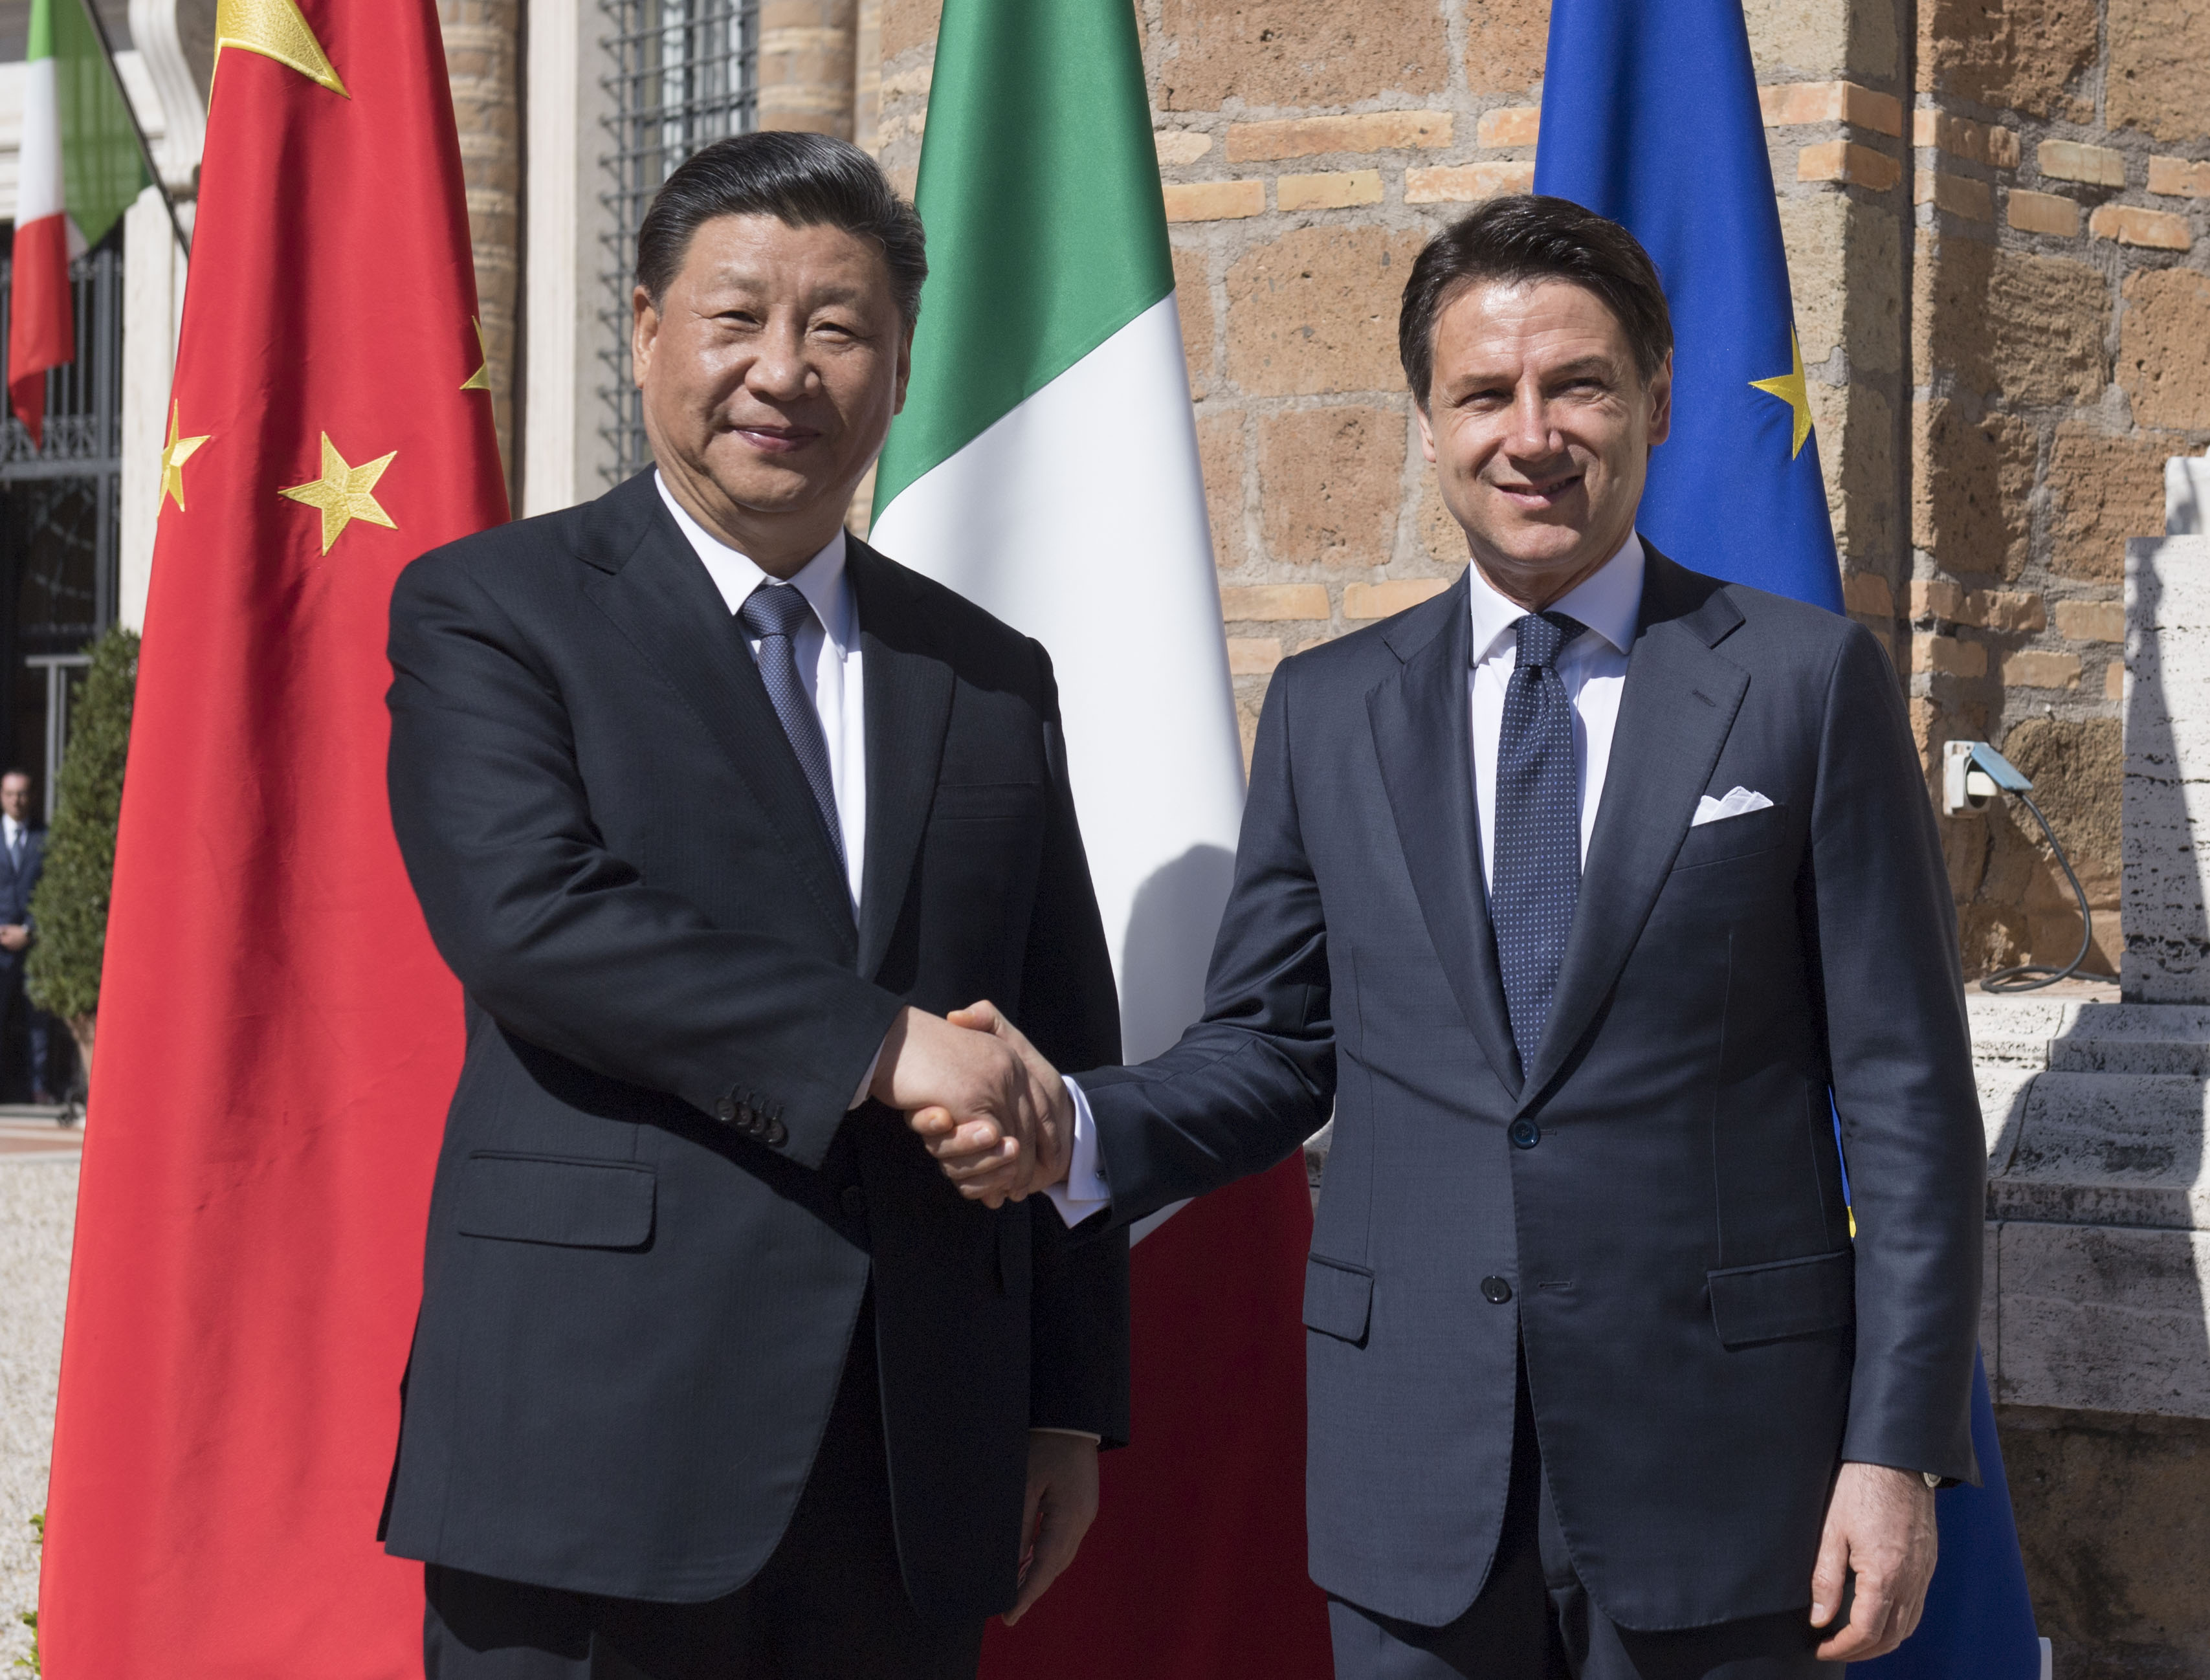 Italia-Cina - foto Governo.it